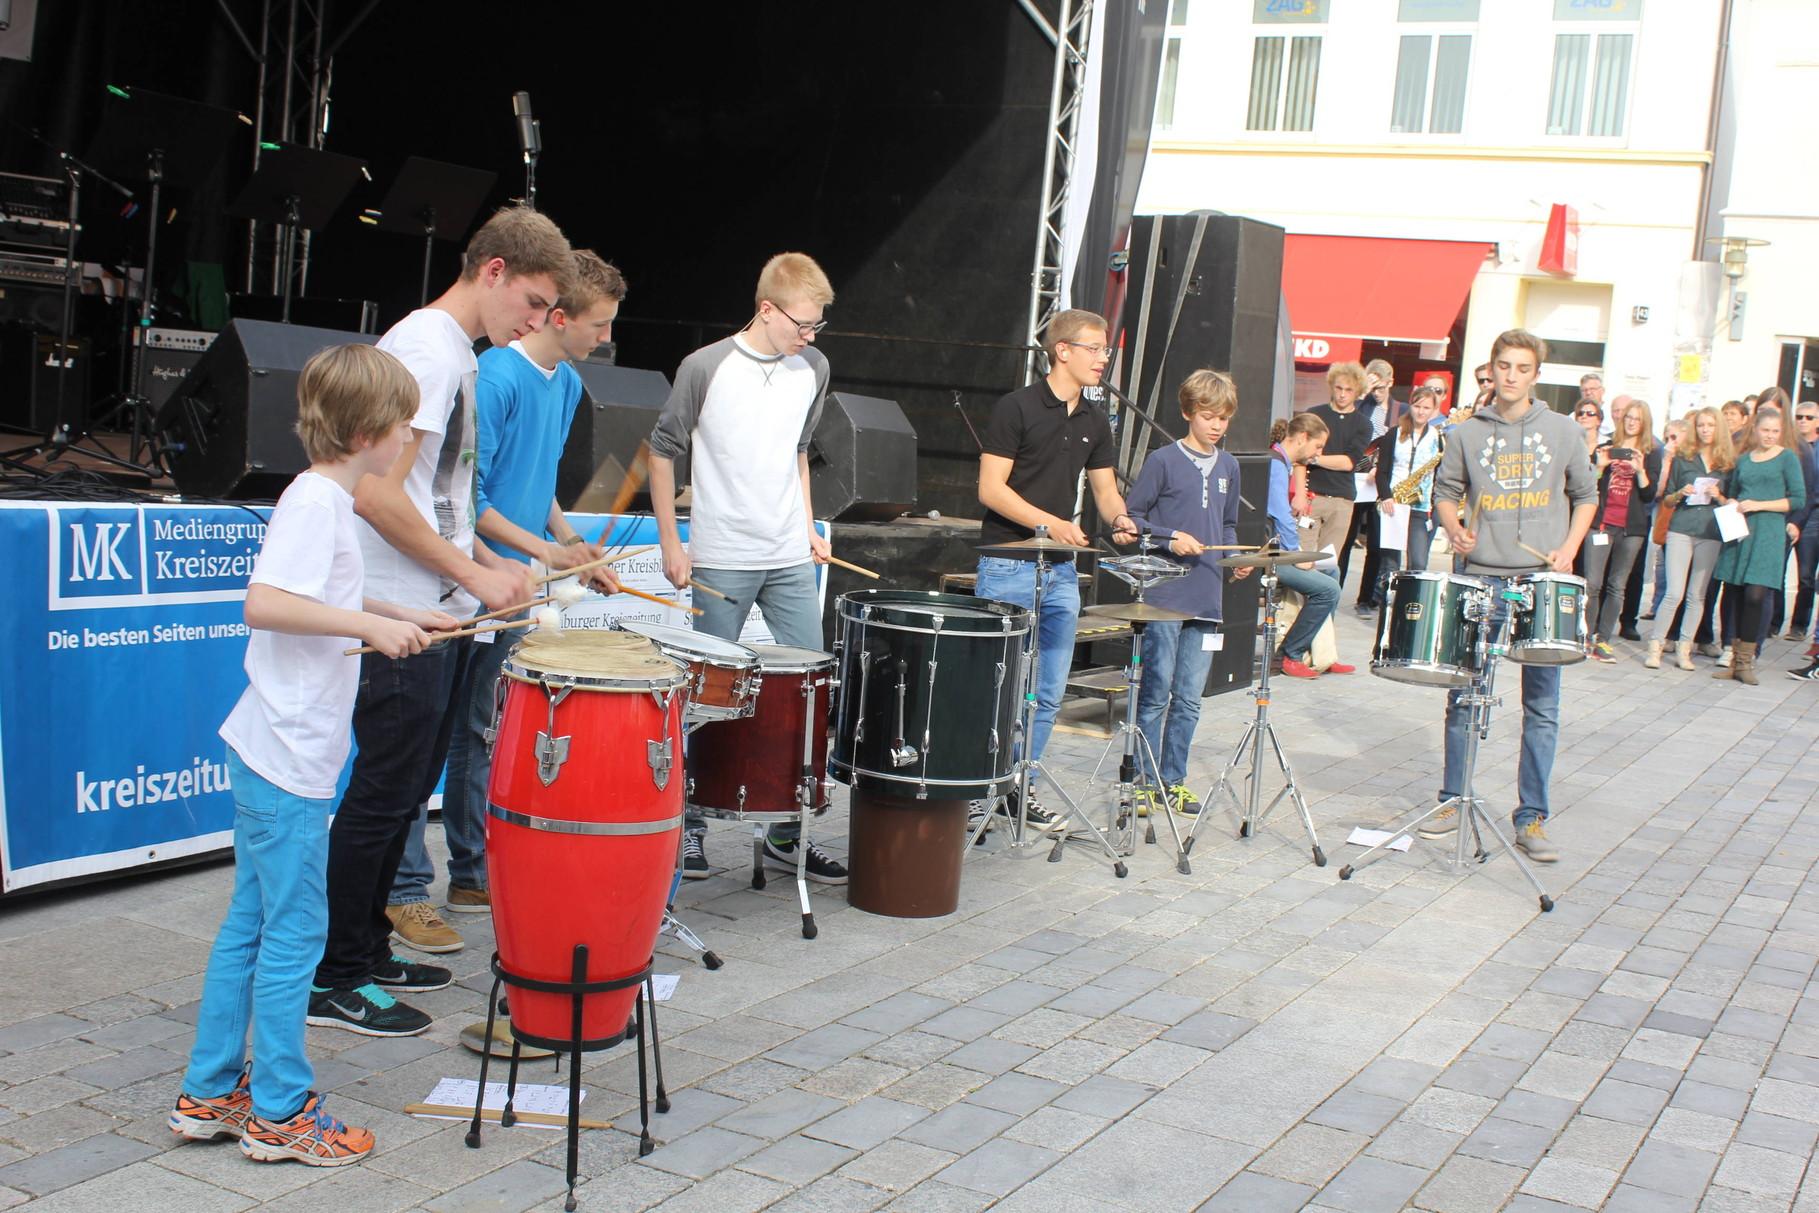 Der Schlagzeug-Workshop